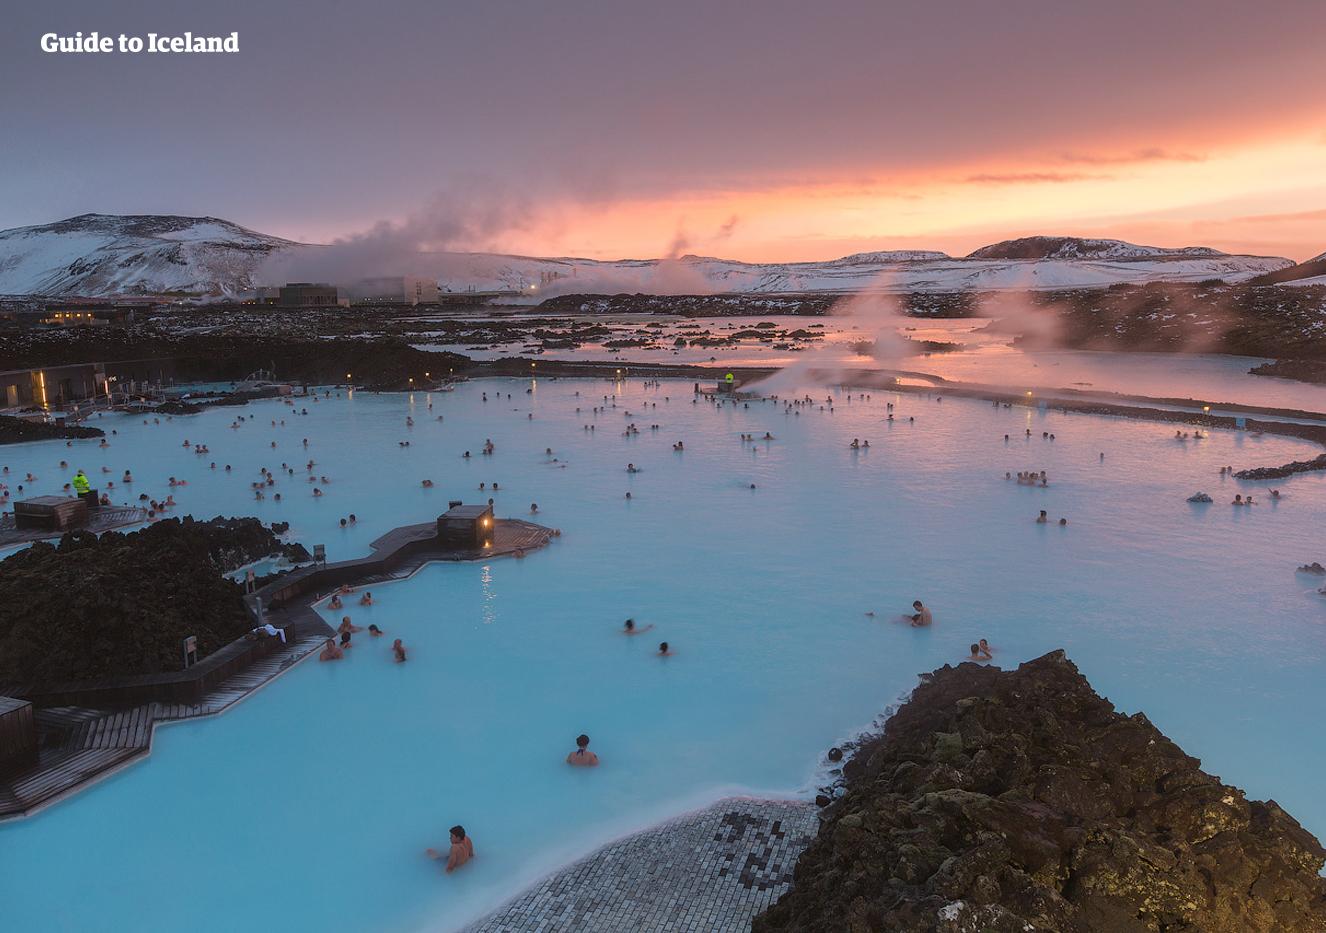 Atme auf deiner Mietwagen-Winterreise die winterlich kalte Luft ein, während du in der Blauen Lagune entspannst.